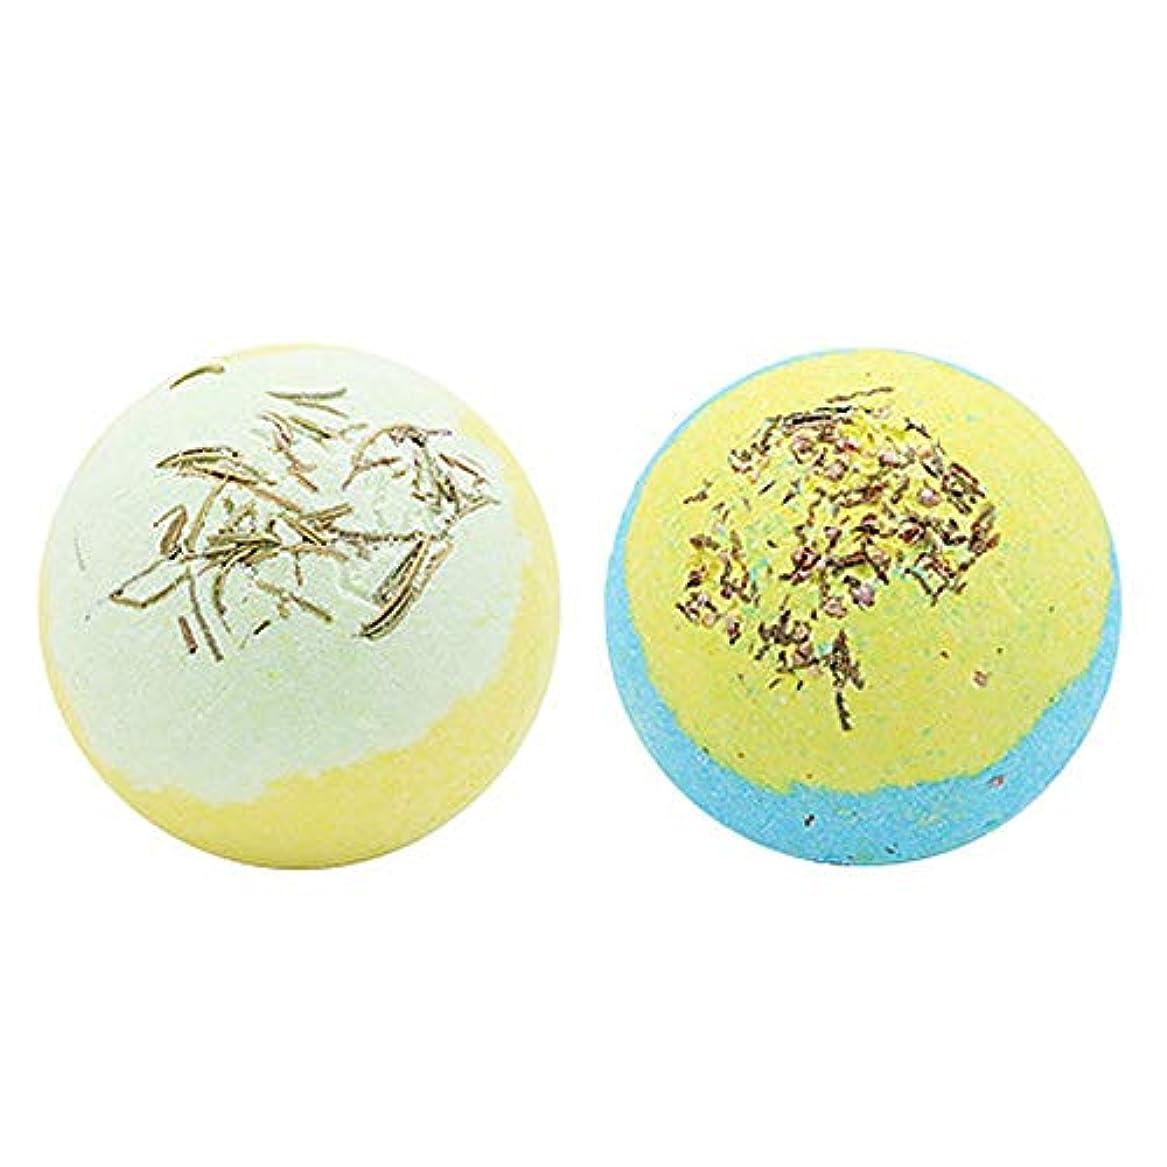 馬鹿ここに章女性の女の子のための2PCSドライフラワーナチュラルSPAバス塩爆弾ボールは、乾燥肌ストレス緩和軟化ケラチンローズマリー+ストロベリースタイルB